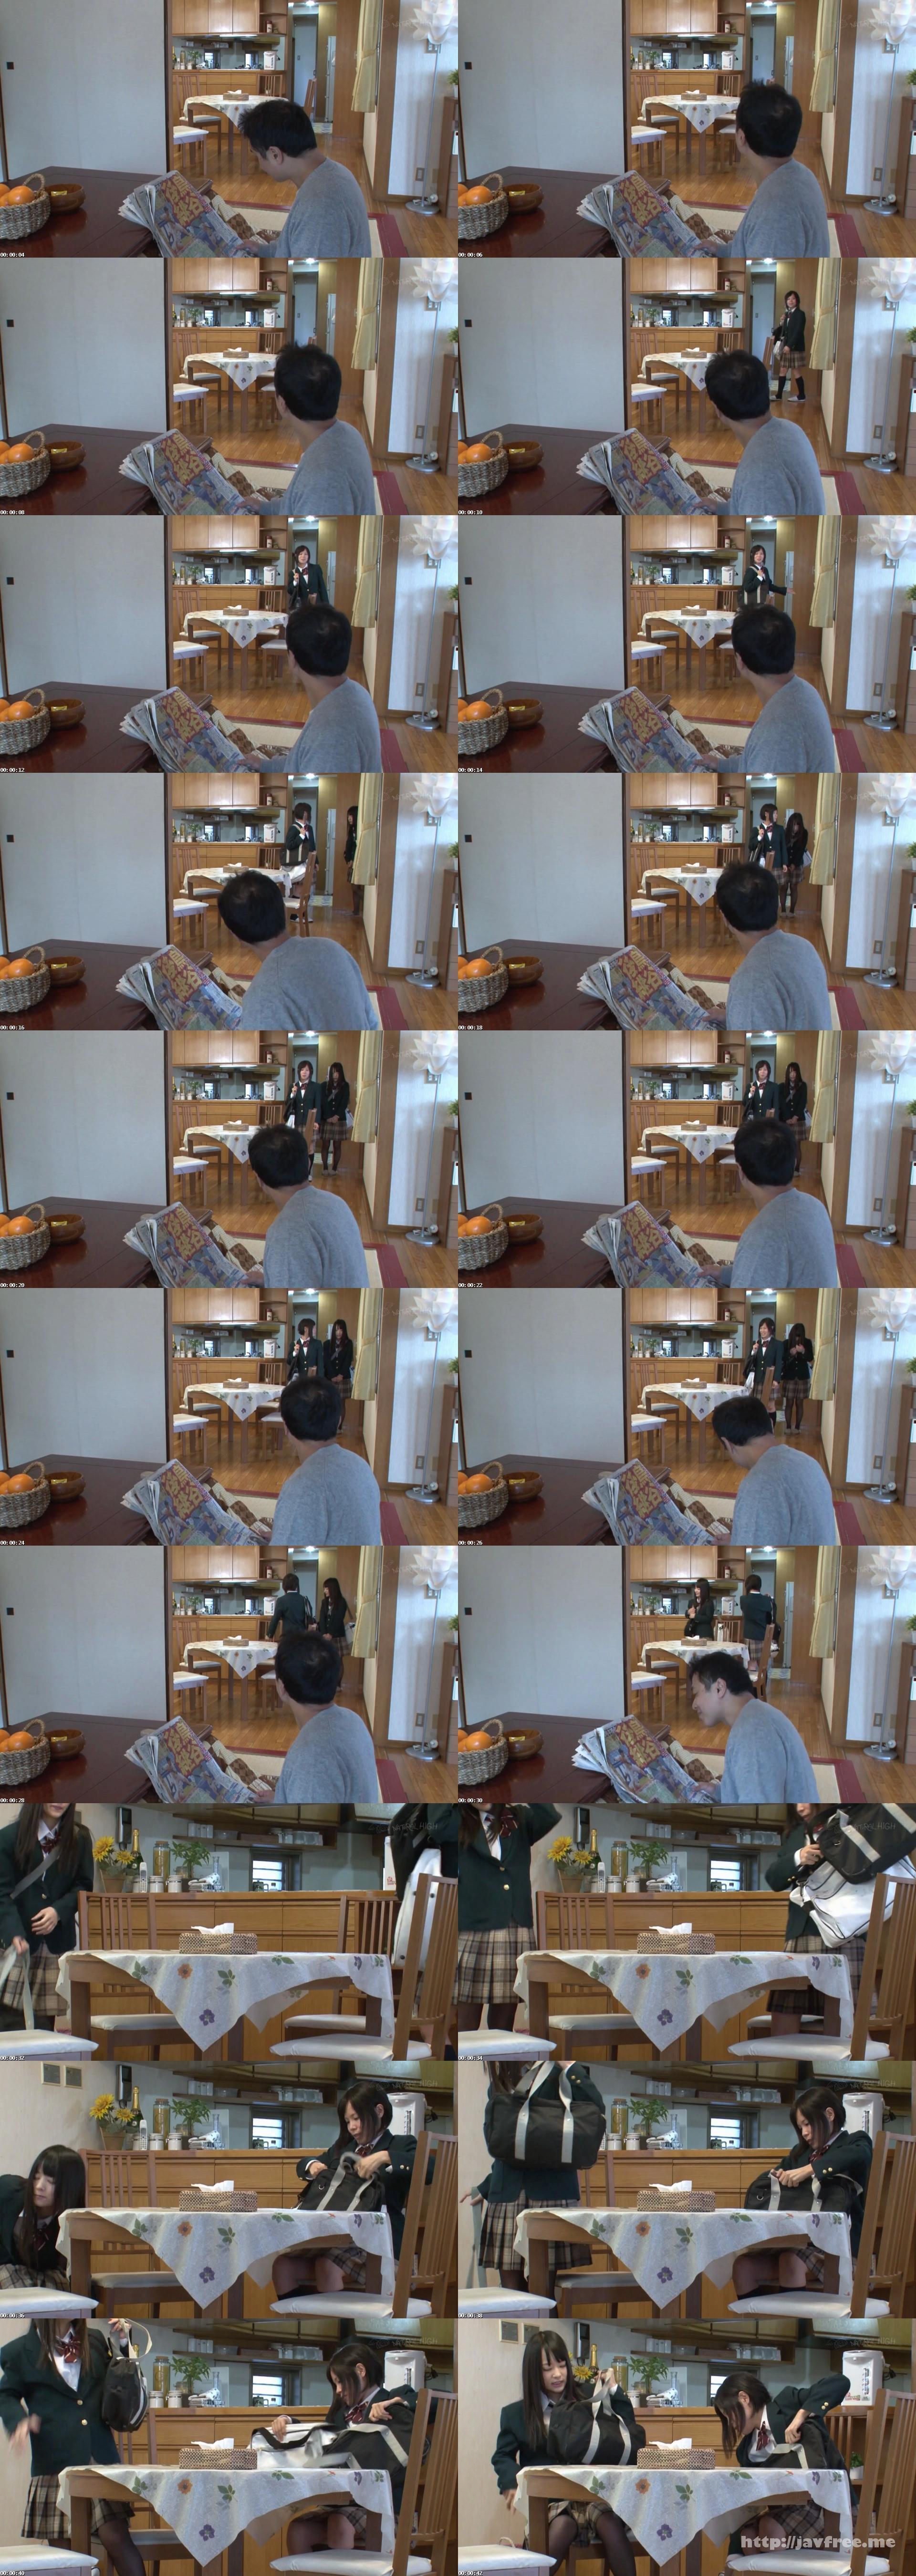 [NHDTA-929] 家の中に潜む絶倫少女は…中出しSP!奥さんにバレるスレスレで何回も無理やりハメたがる既婚者チ○ポ好き あべみかこ - image NHDTA-929 on https://javfree.me